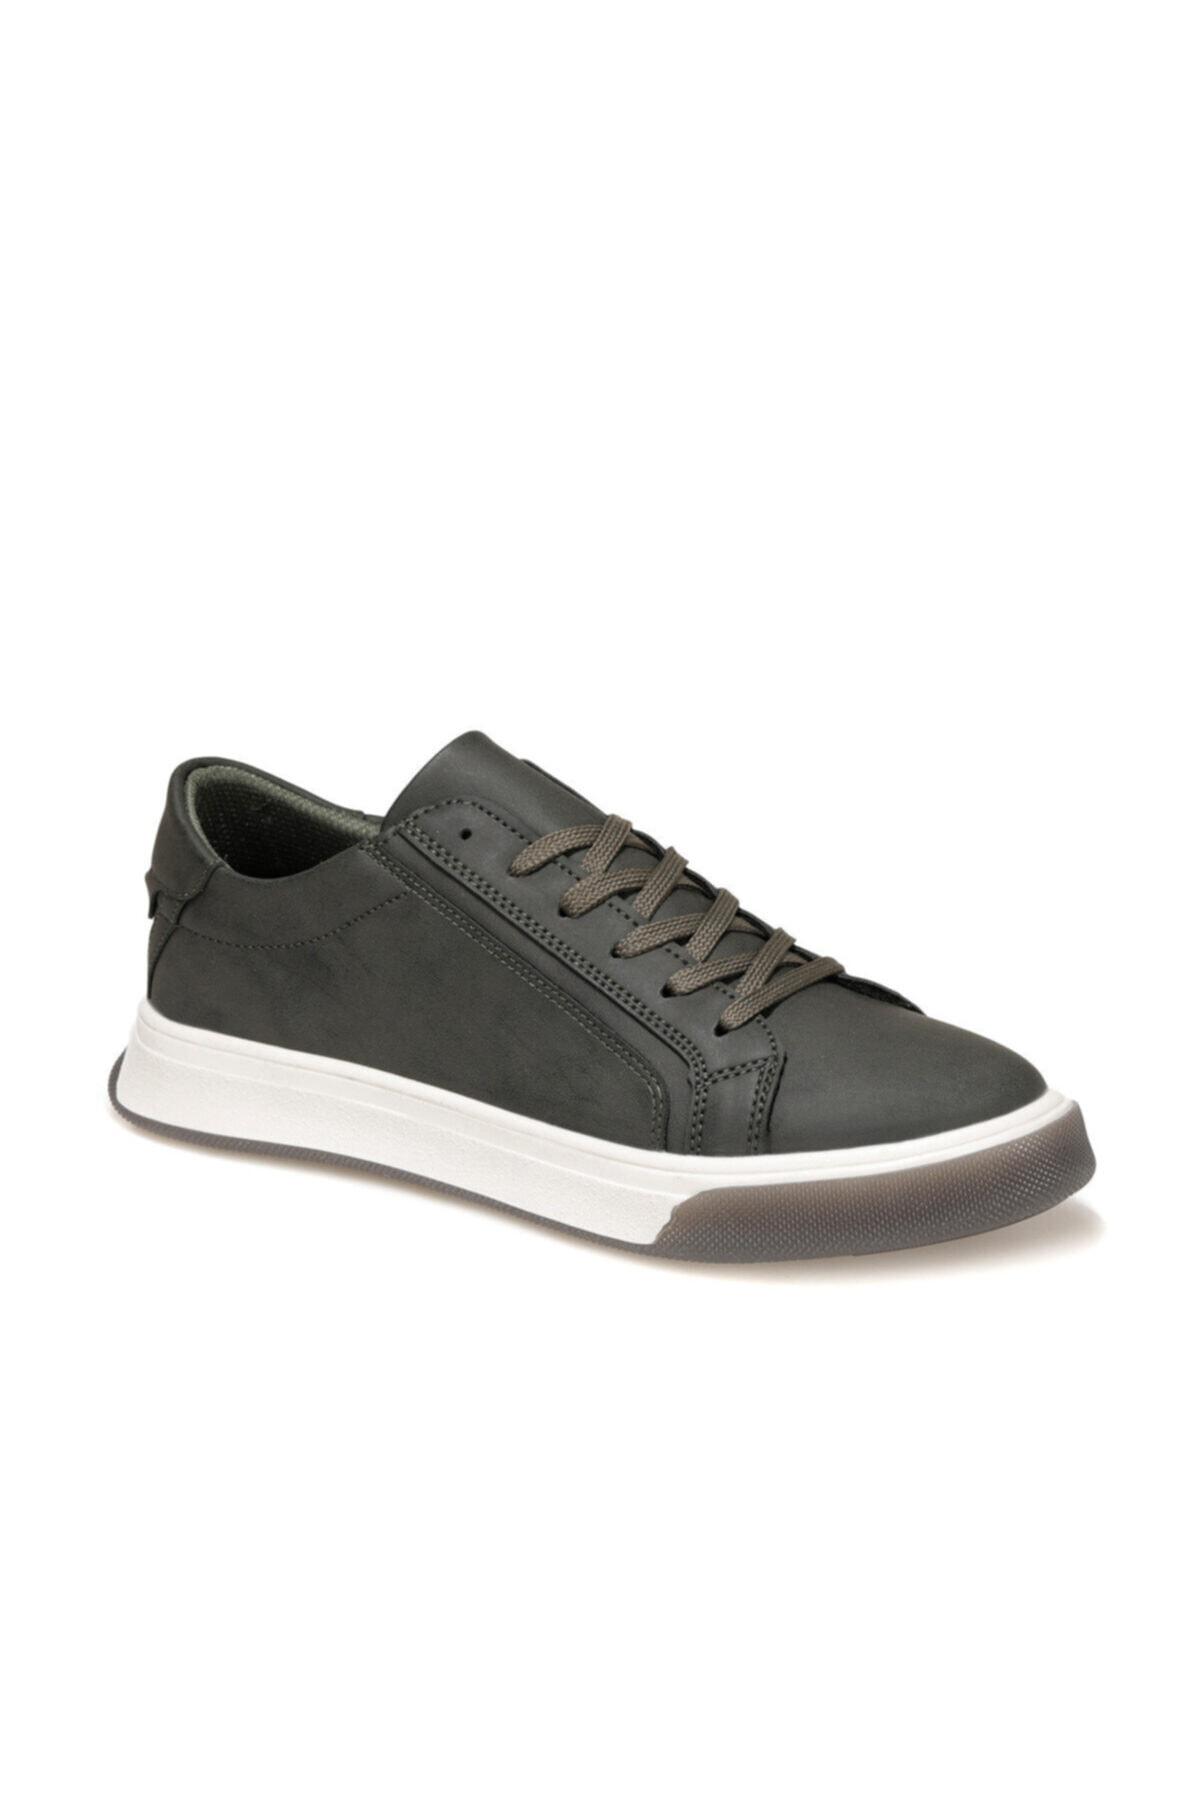 FORESTER 9104 1FX Haki Erkek Kalın Tabanlı Sneaker 100909435 1